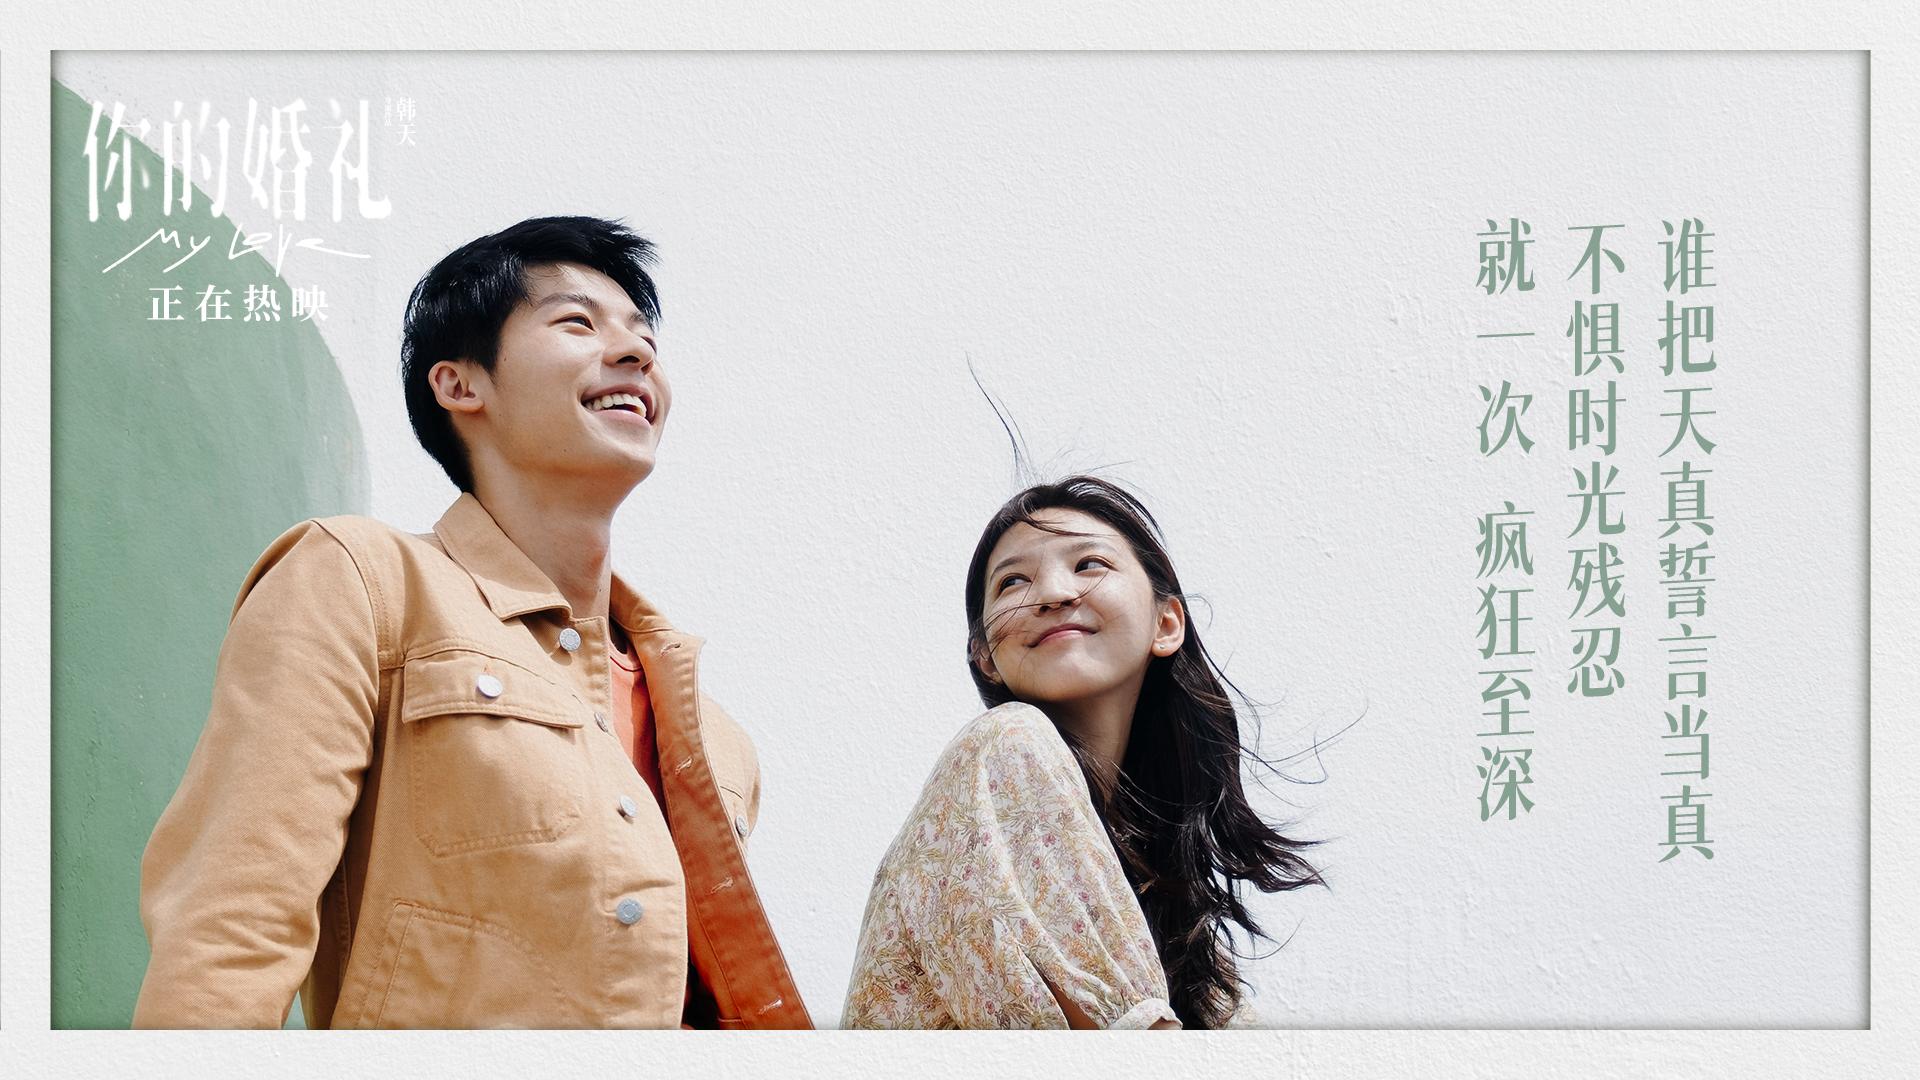 《你的婚礼》发布了《第一万零一次告白》的MV主题曲